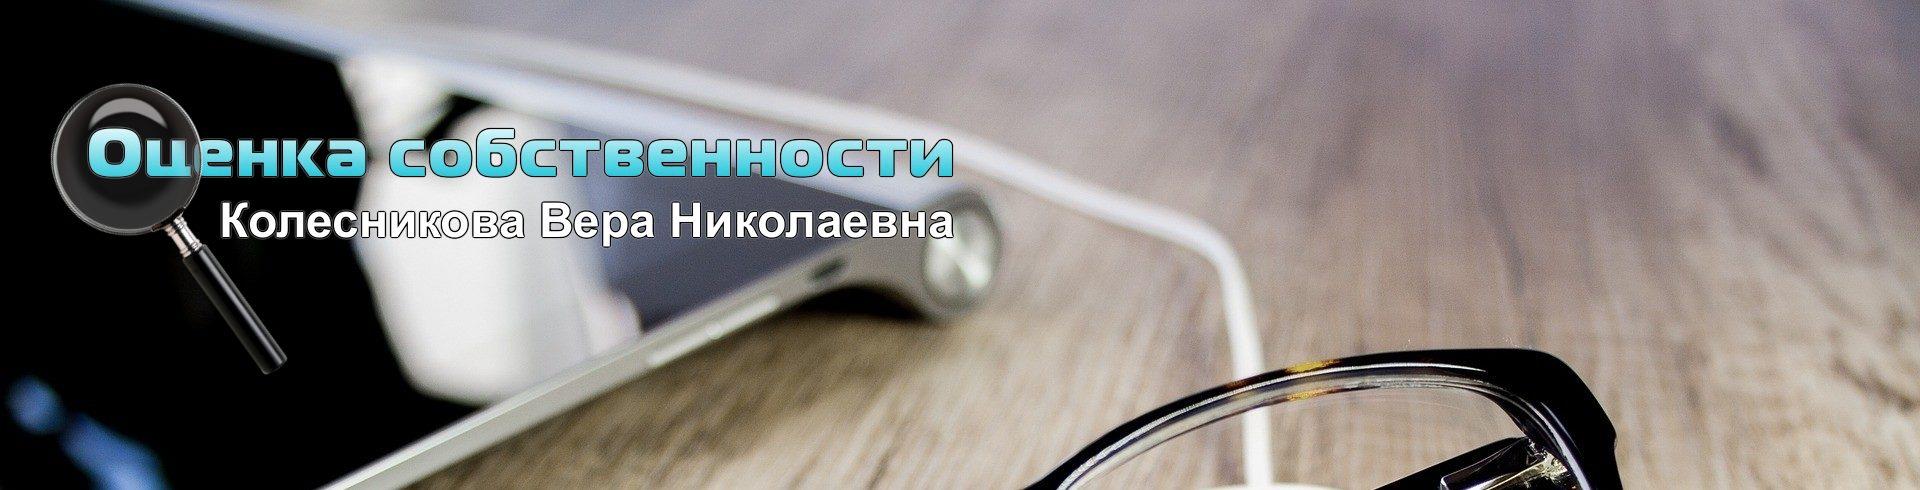 Оценка собственности Колесниковой